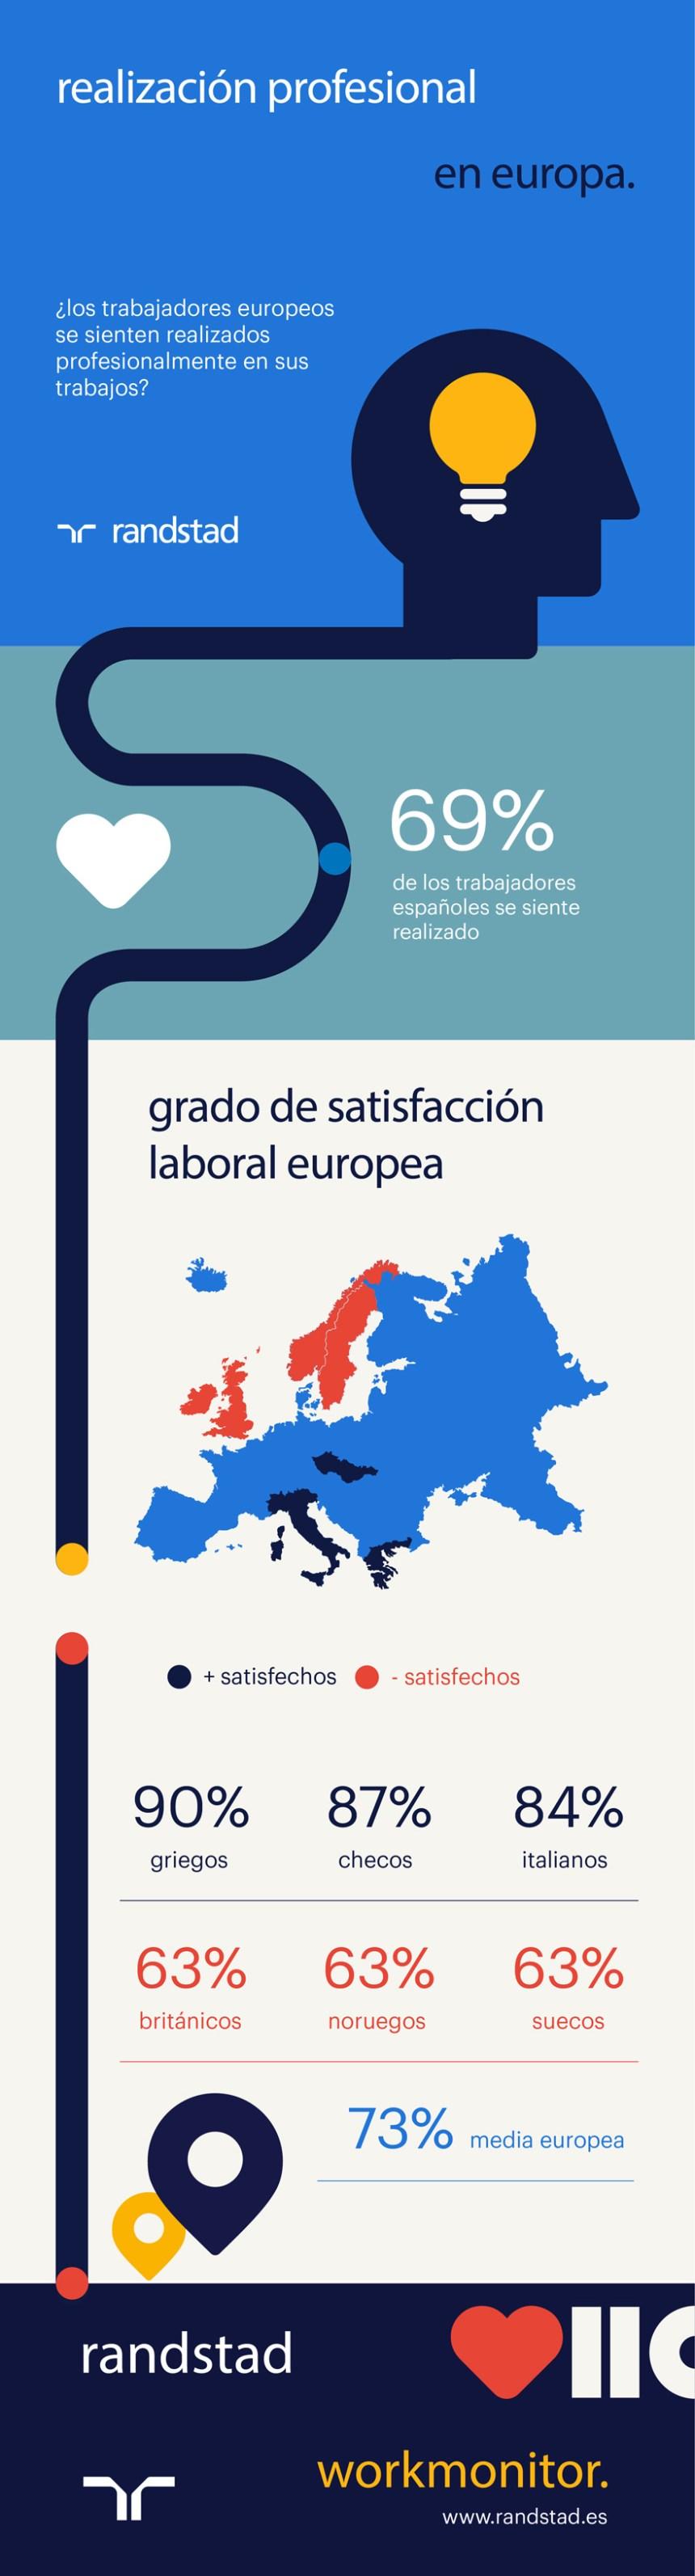 ¿Los trabajadores europeos se sienten profesionalmente realizados?